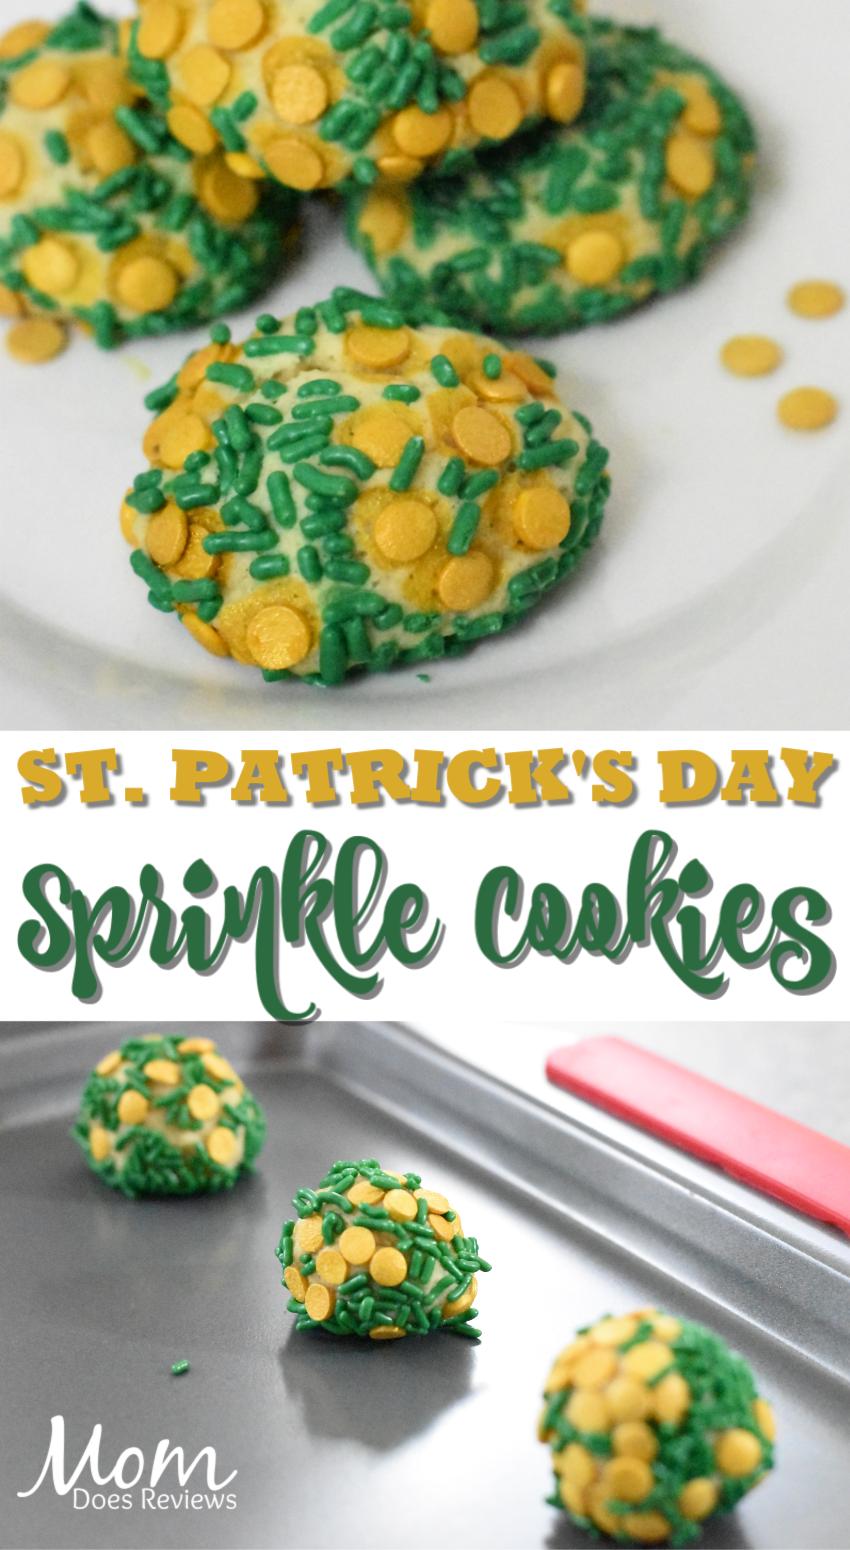 St. Patrick's Day Sprinkle Cookies #recipe #stpatricksday #cookies